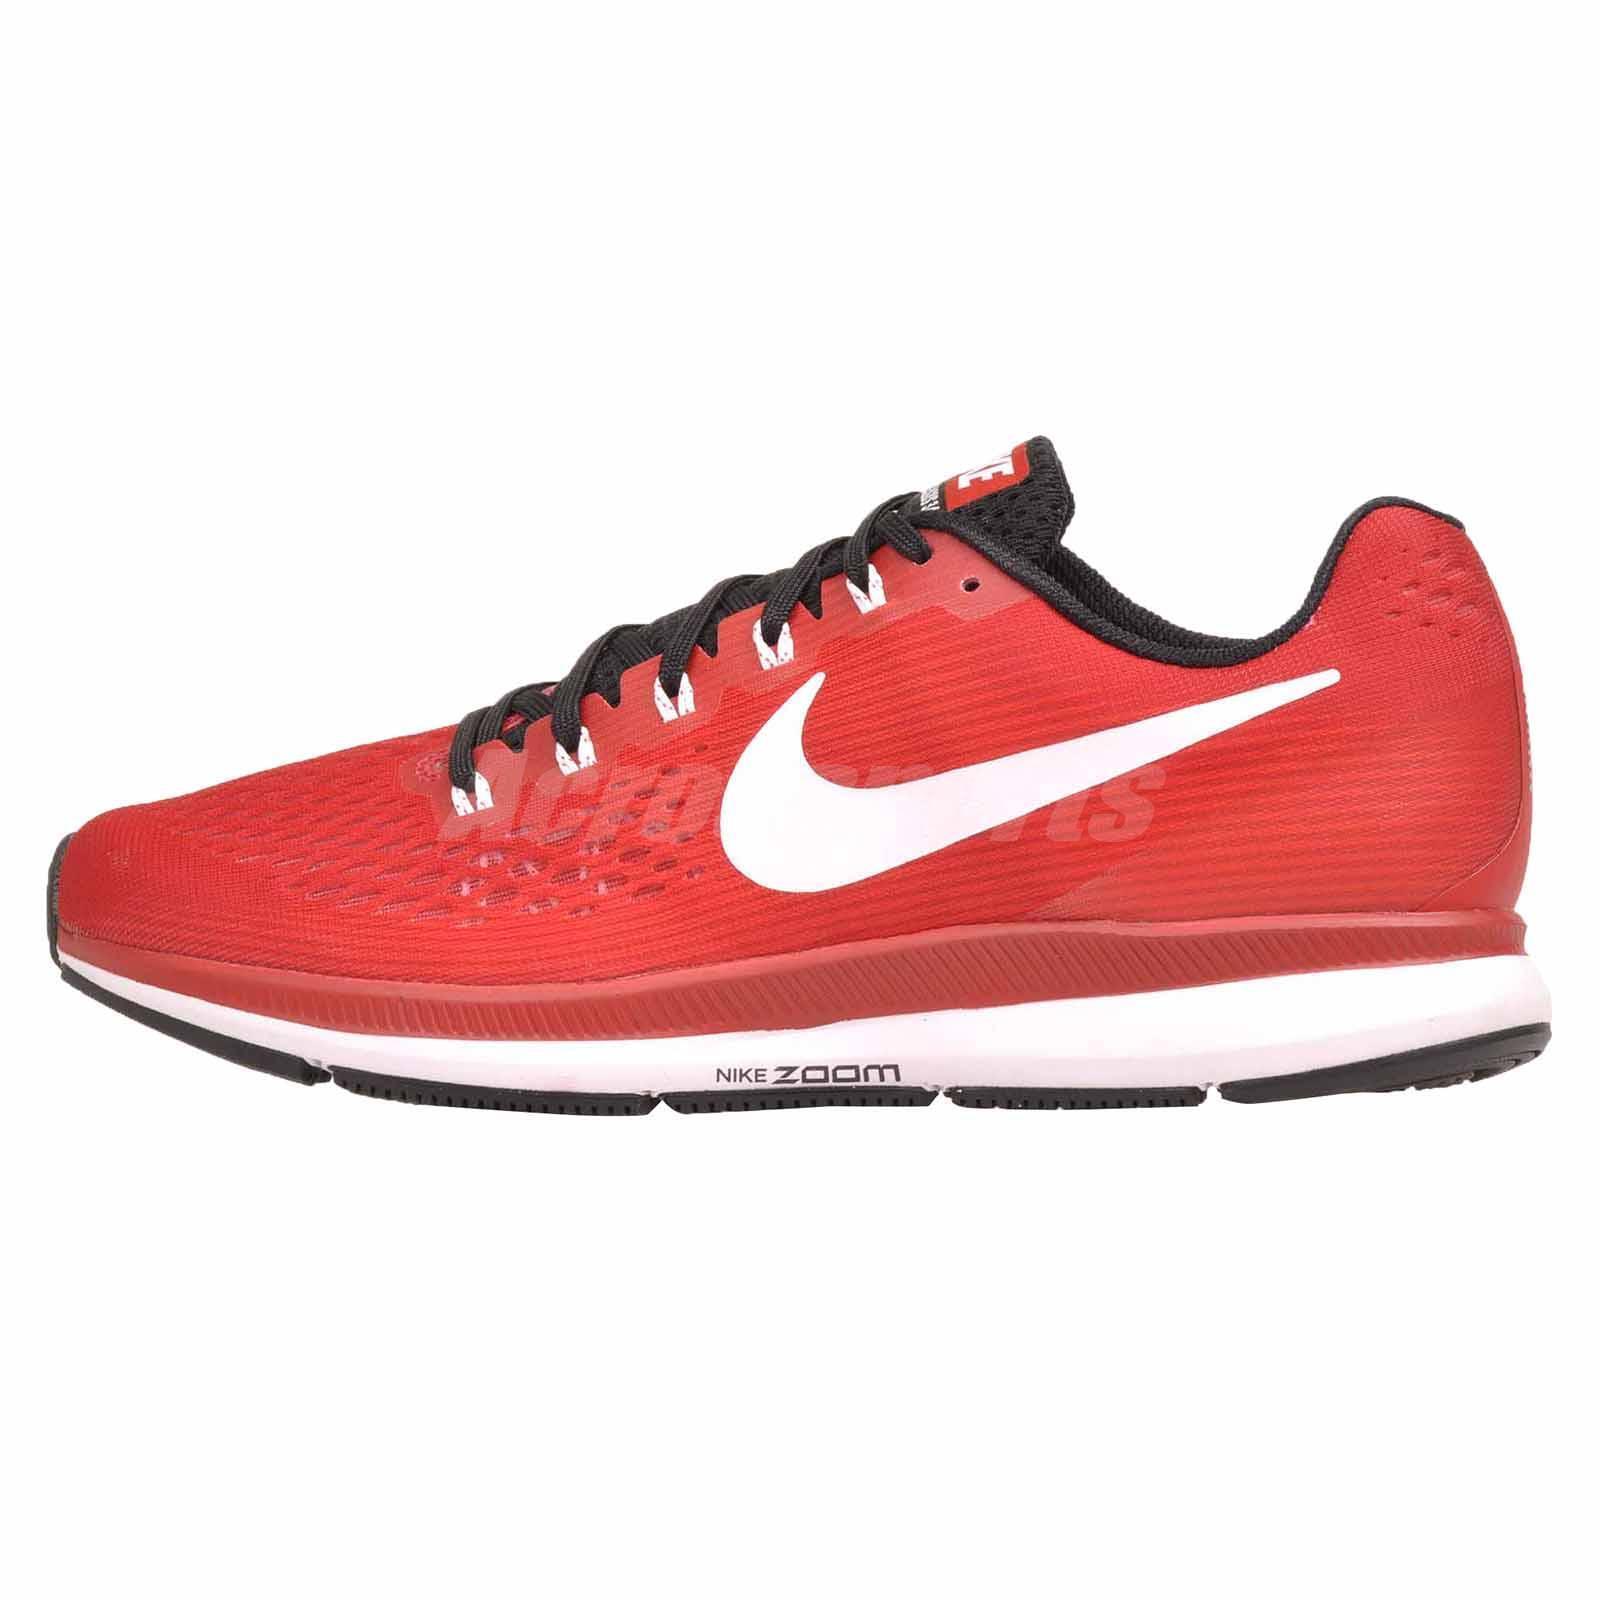 nike air zoom pegasus 34 ct en rouge - blanc blanc blanc chez 887009-601 chaussures | Emballage élégant Et Robuste  db5d73